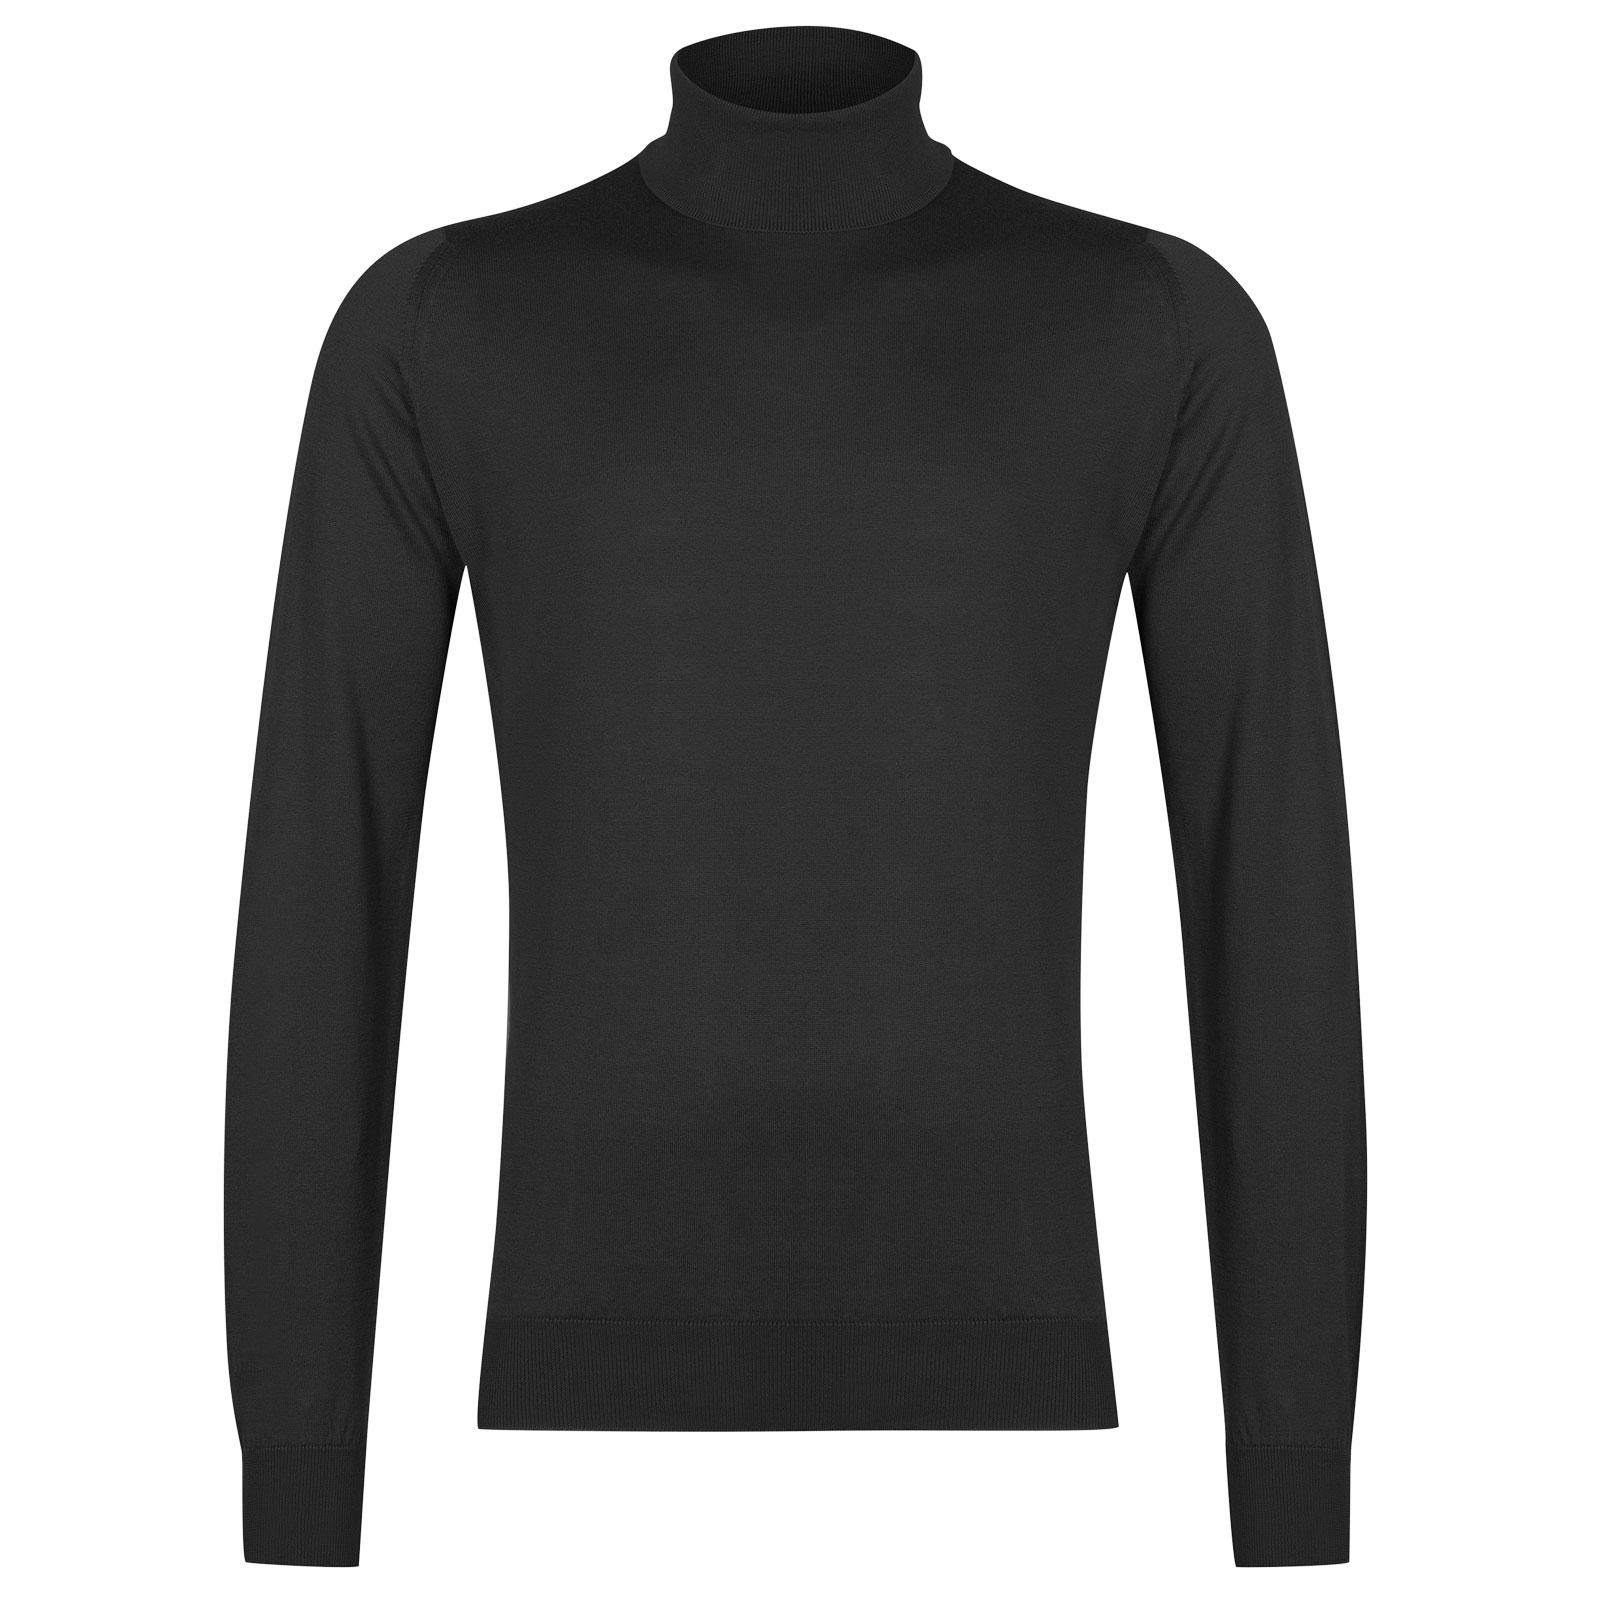 John Smedley Hawley Sea Island Cotton Pullover in Flannel Grey-XL